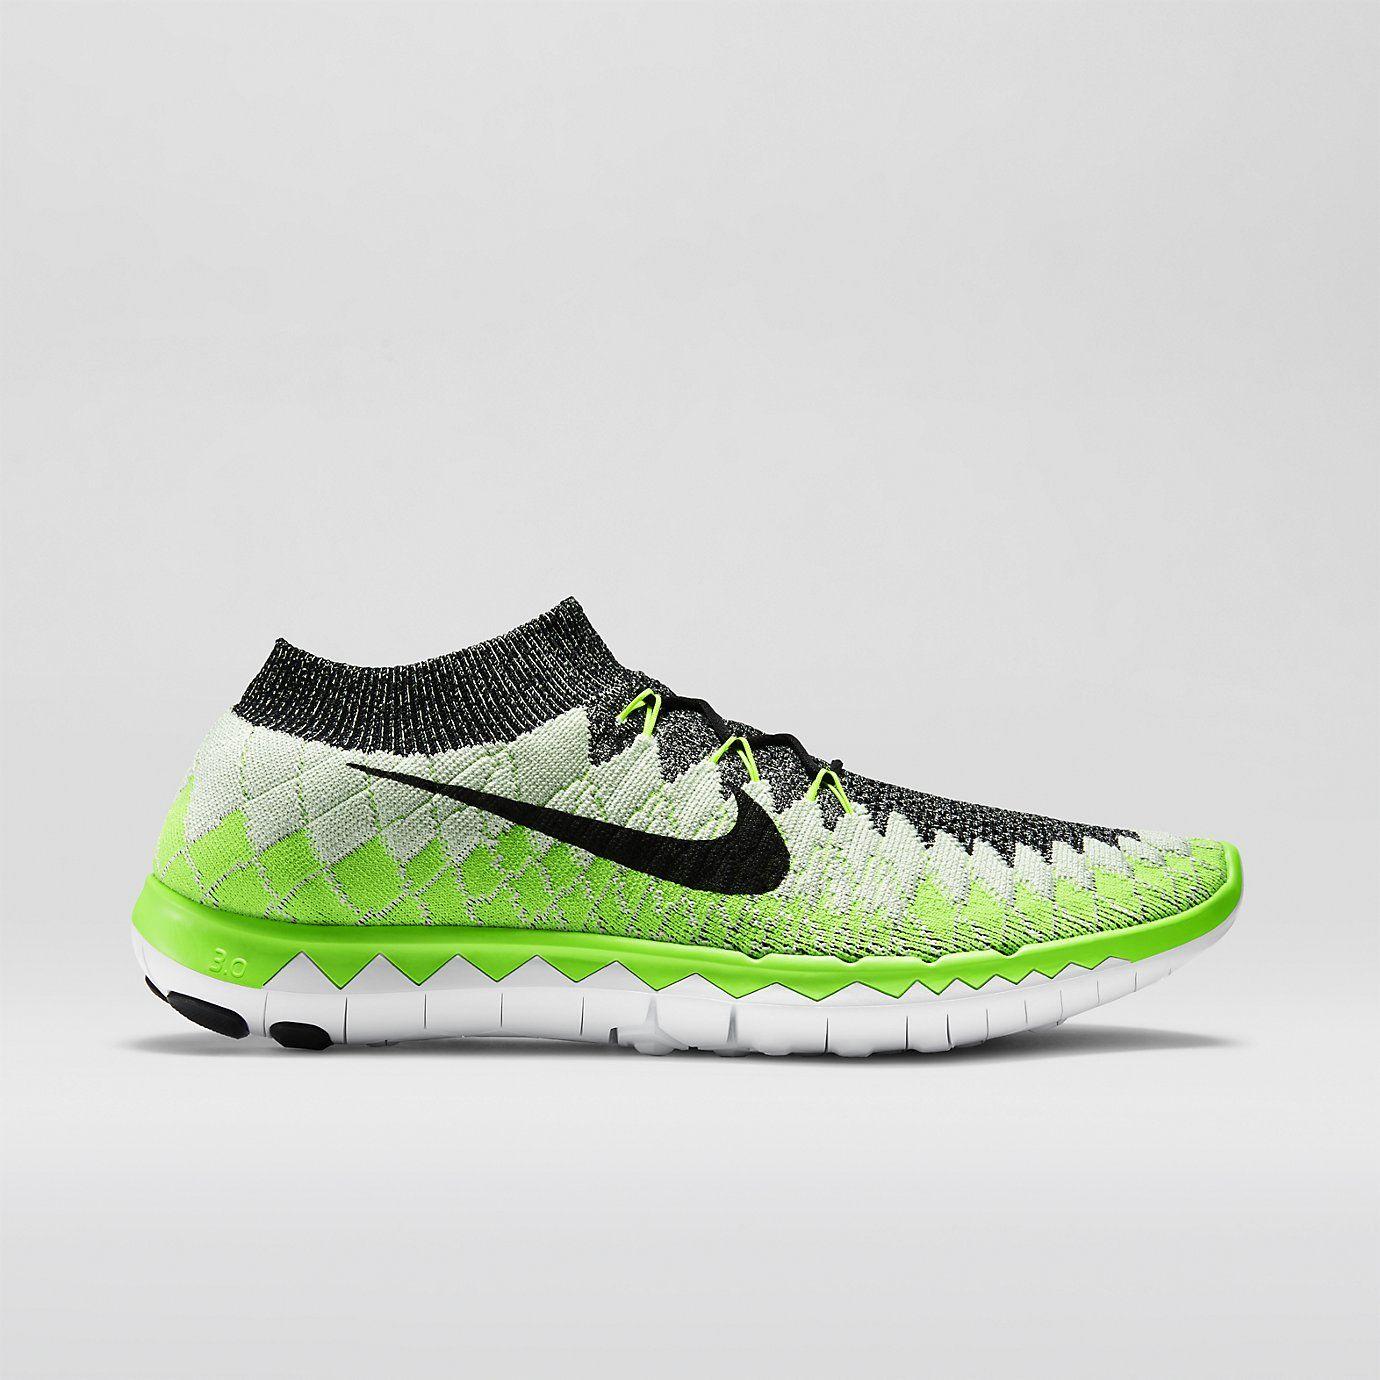 Livraison gratuite Nice Nike Flyknit Gratuit 3.0 Blazer Hommes Blancs pas cher tumblr en ligne officielle Vente en ligne Xgwdg2Fl